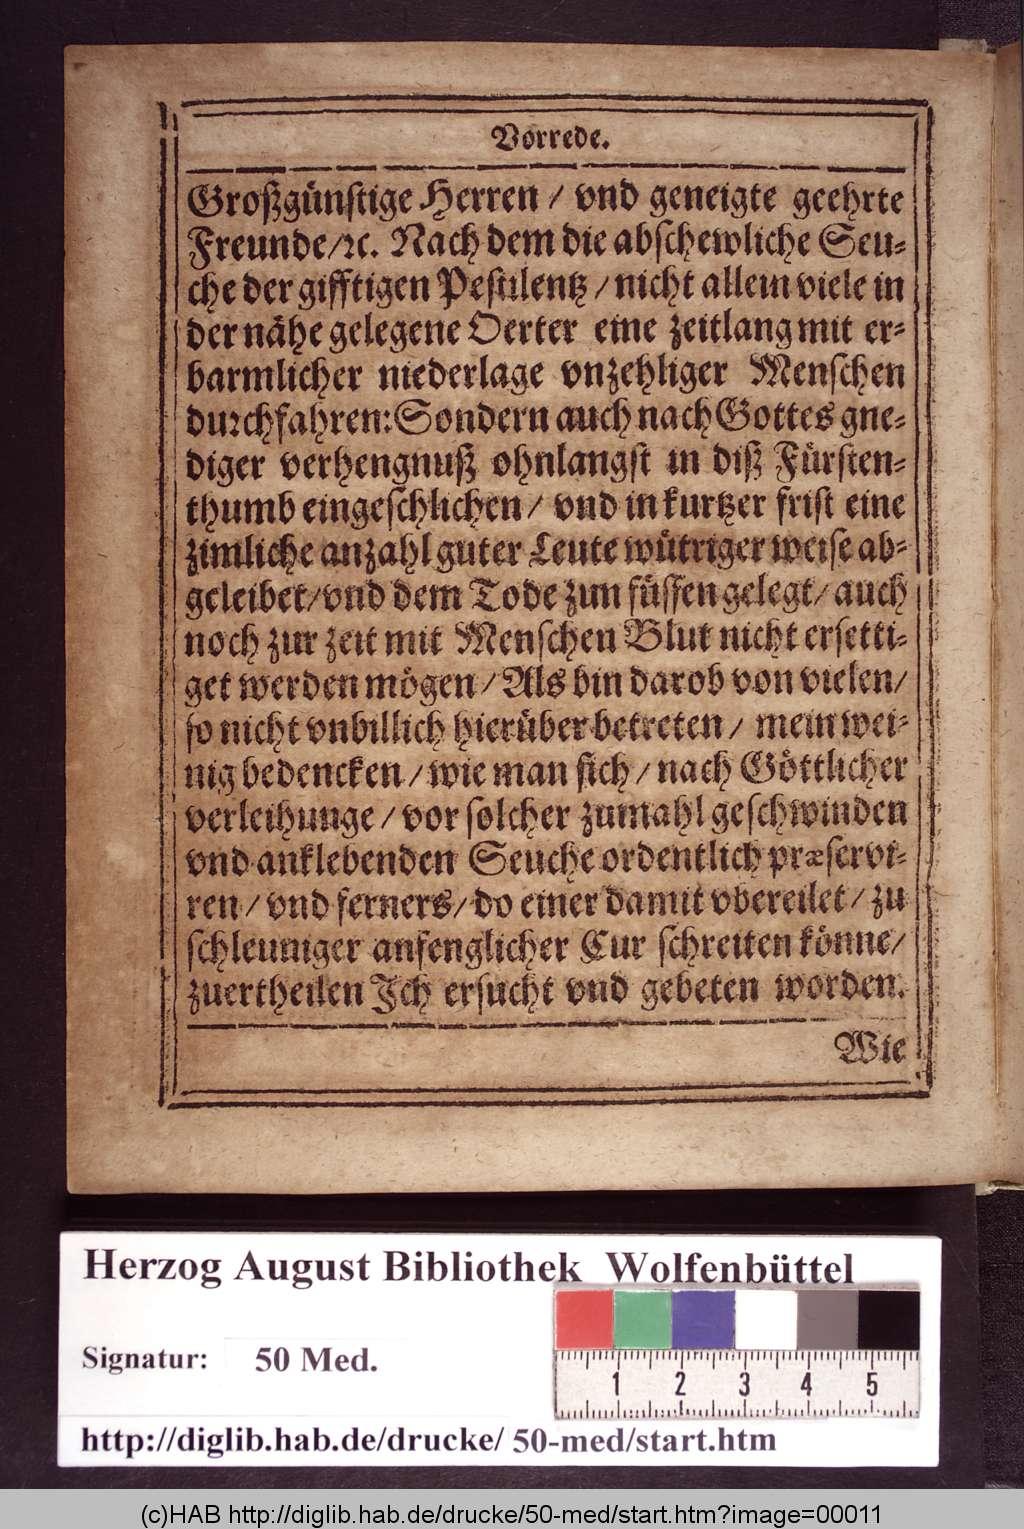 http://diglib.hab.de/drucke/50-med/00011.jpg